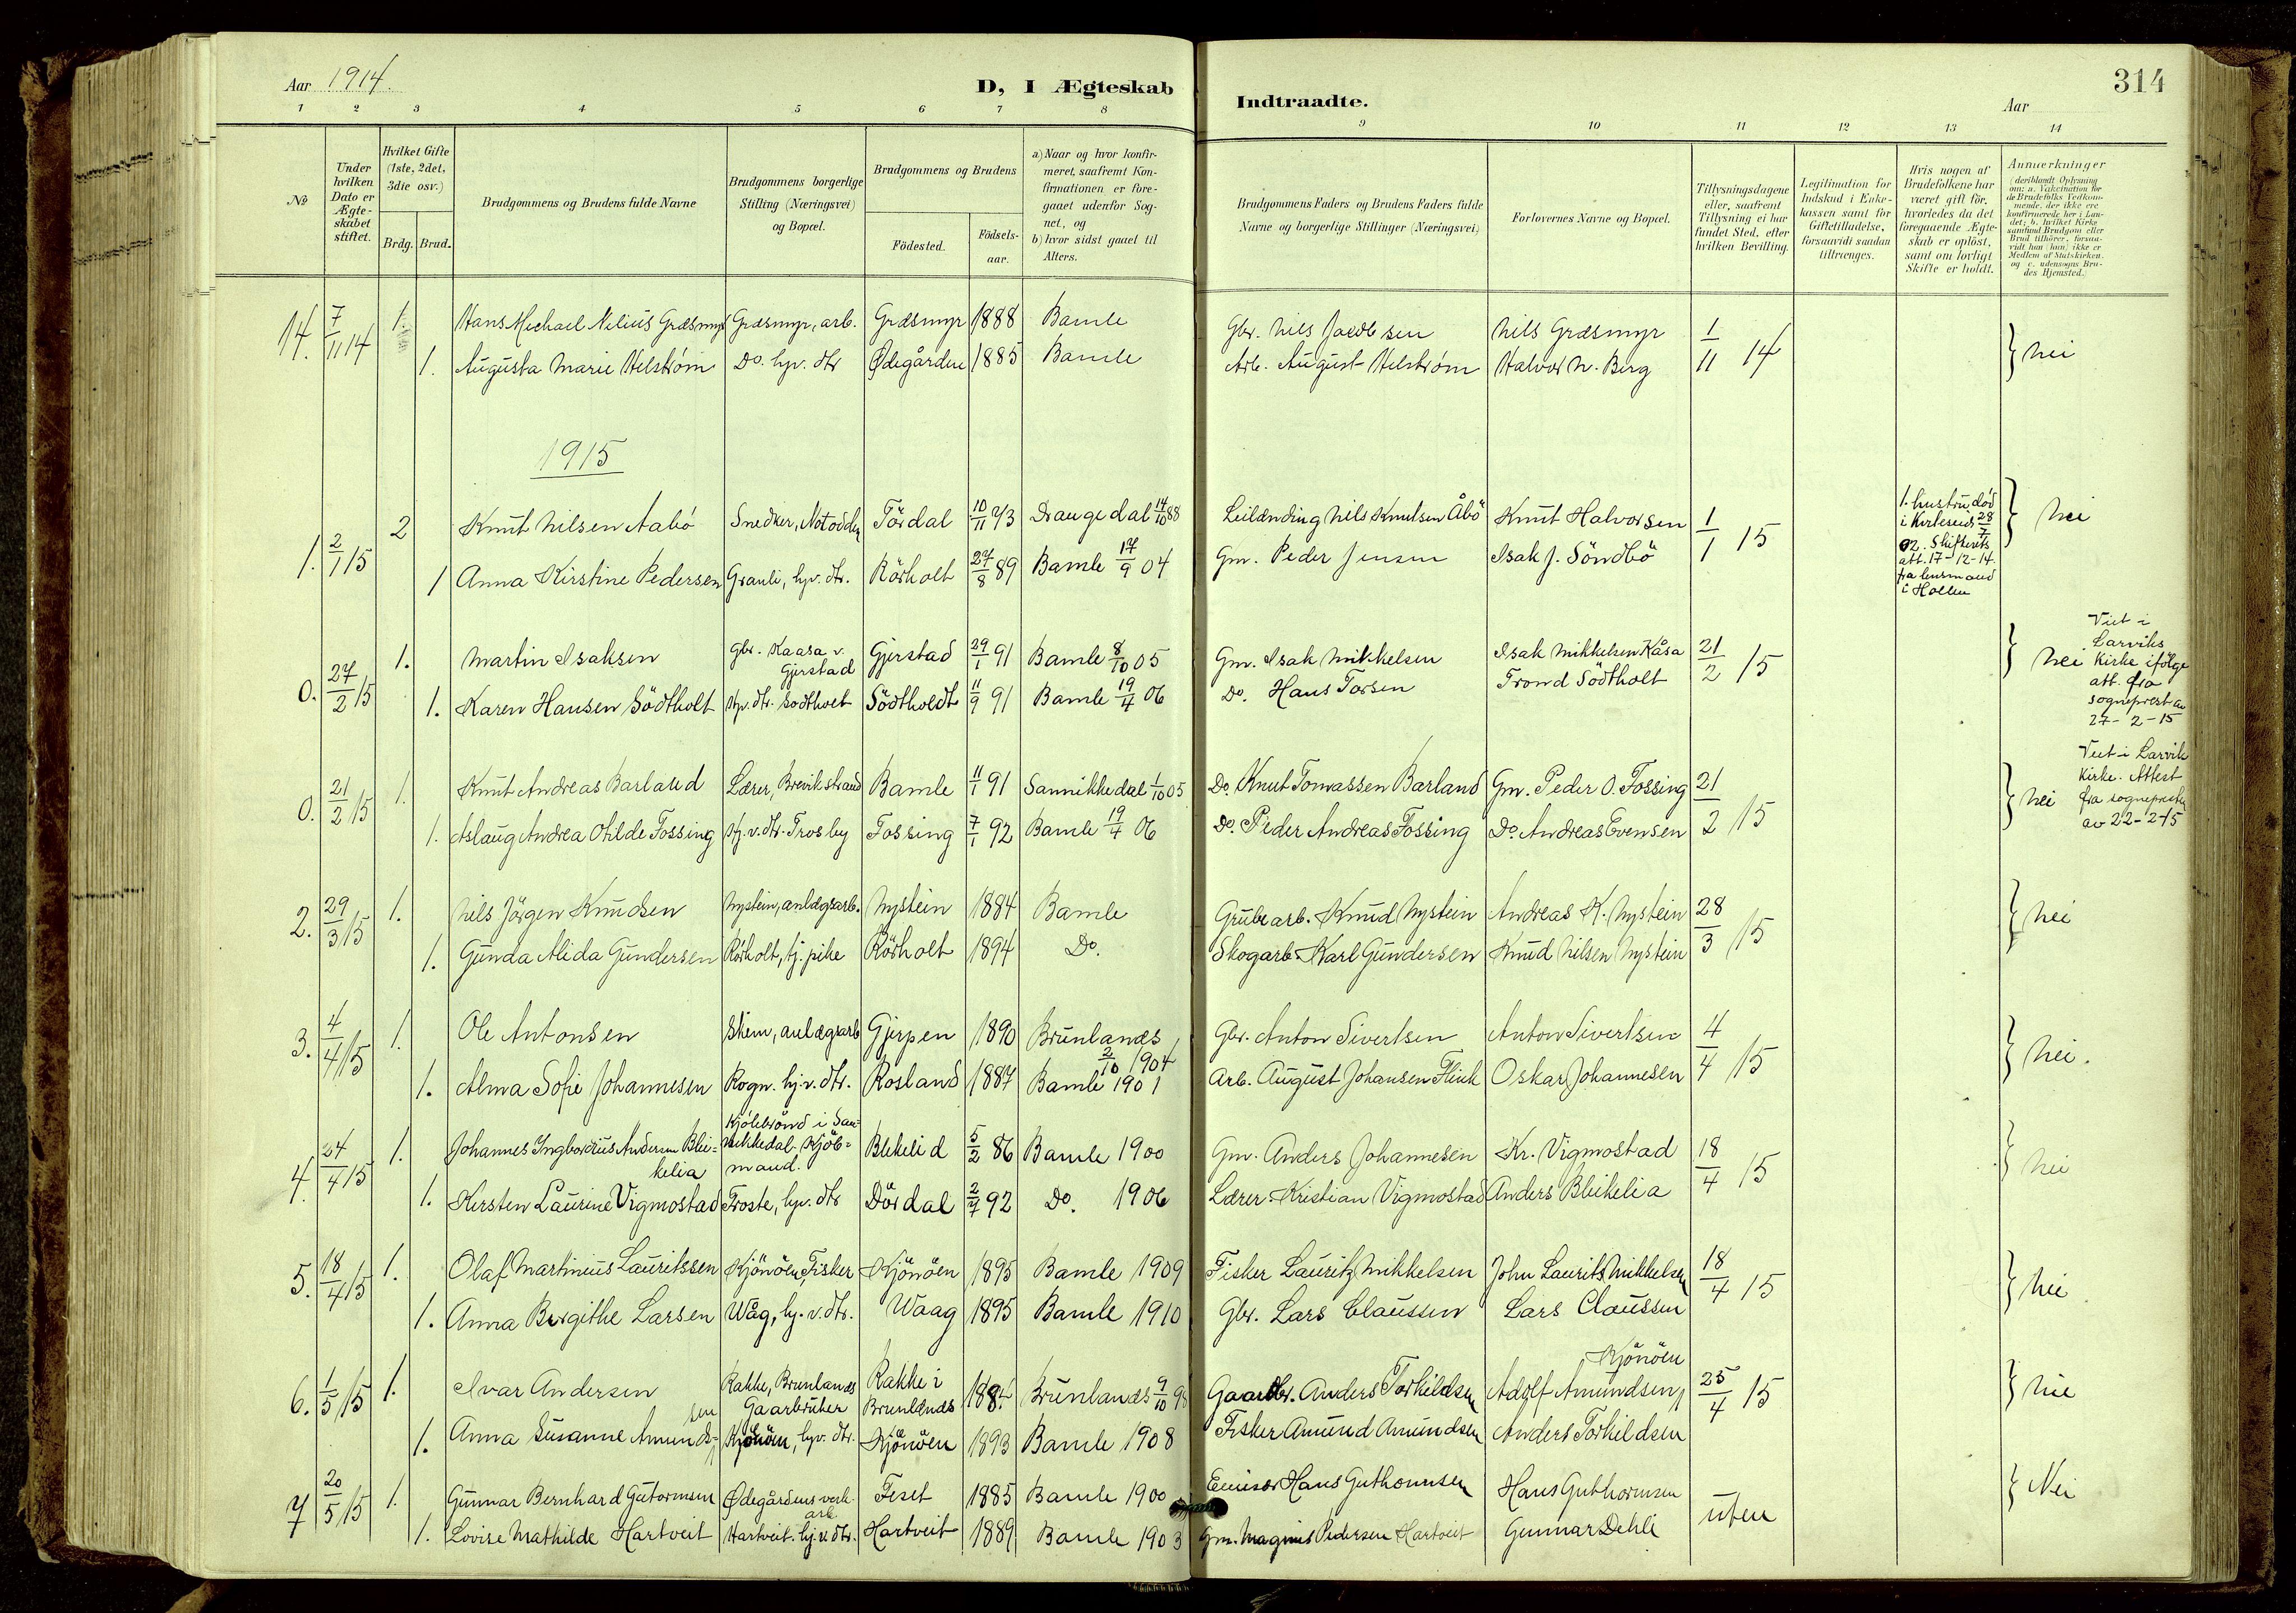 SAKO, Bamble kirkebøker, G/Ga/L0010: Klokkerbok nr. I 10, 1901-1919, s. 314